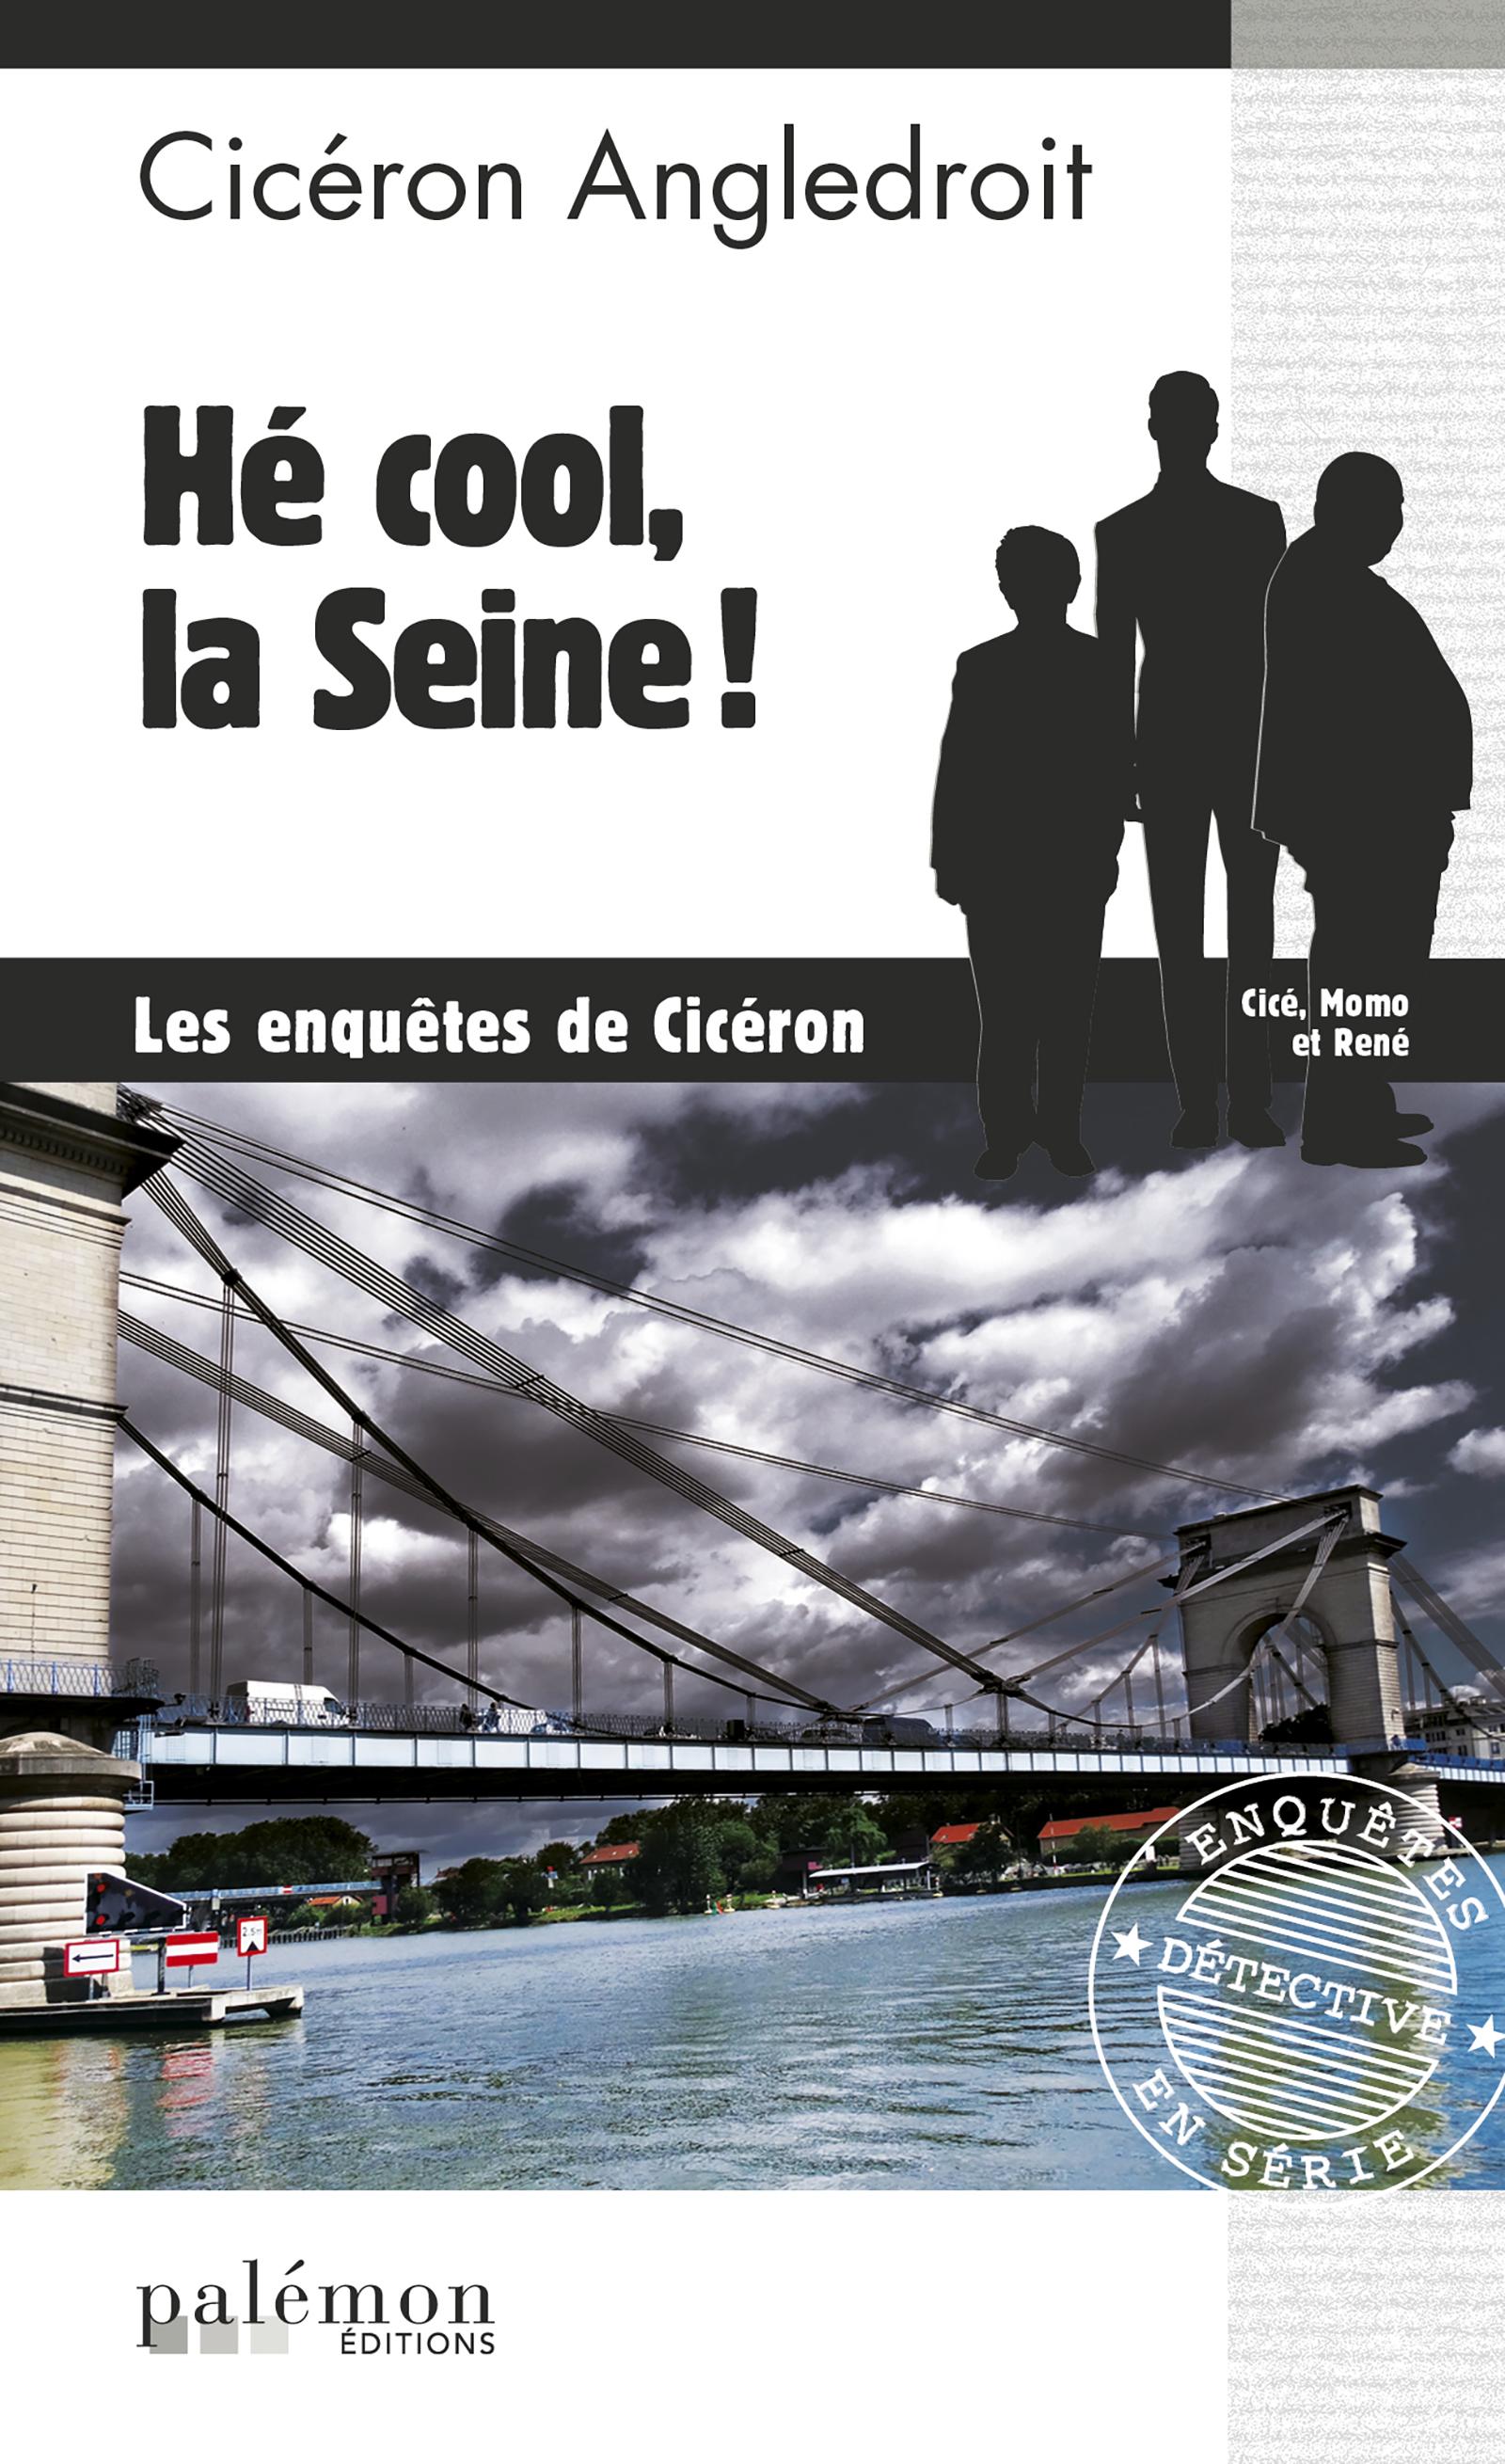 Hé cool, la Seine !   Cicéron Angledroit. Auteur